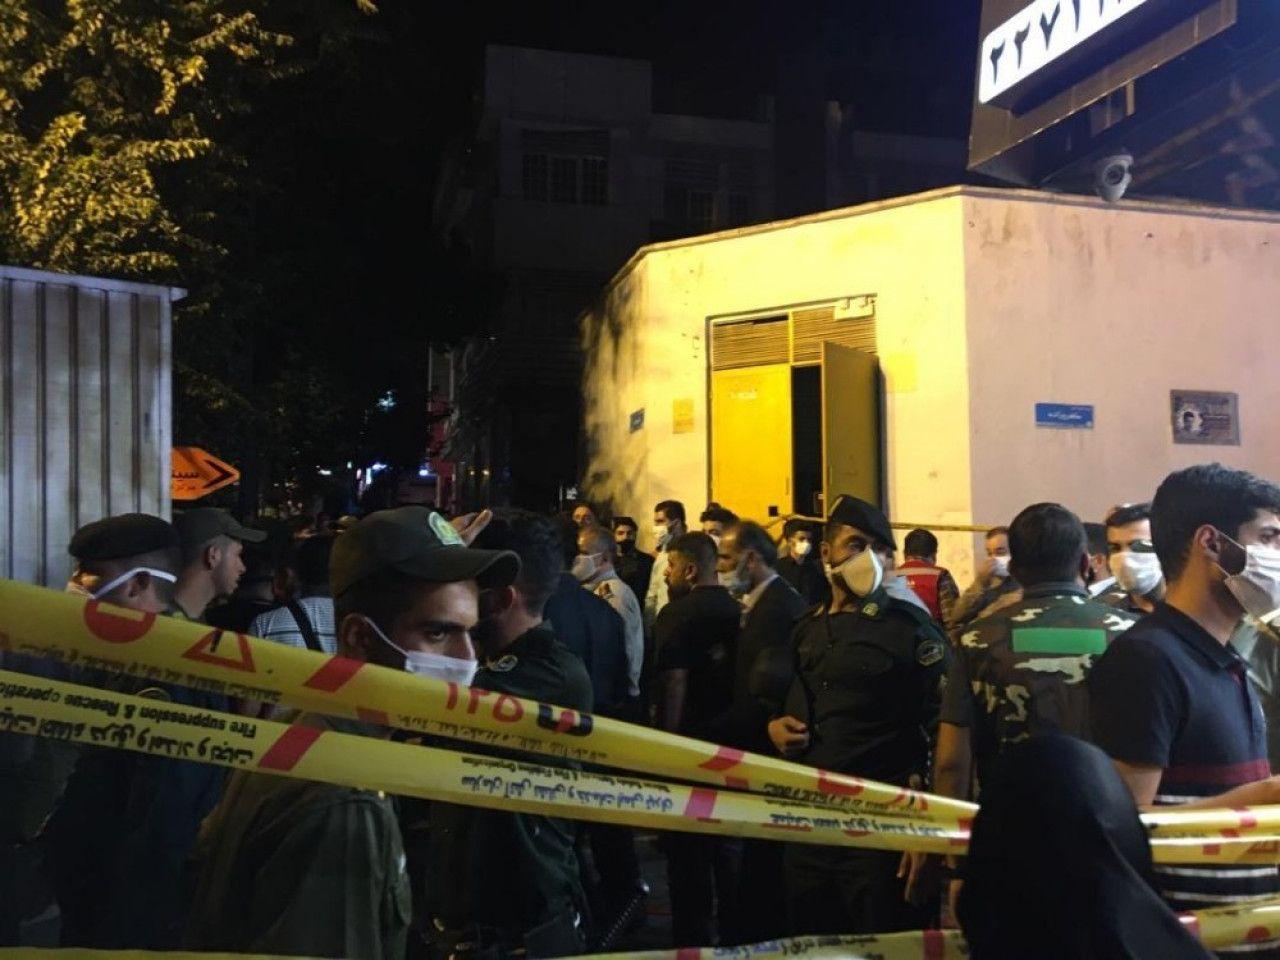 Komşuda korkutan olay! Tahranda büyük bir patlama meydana geldi